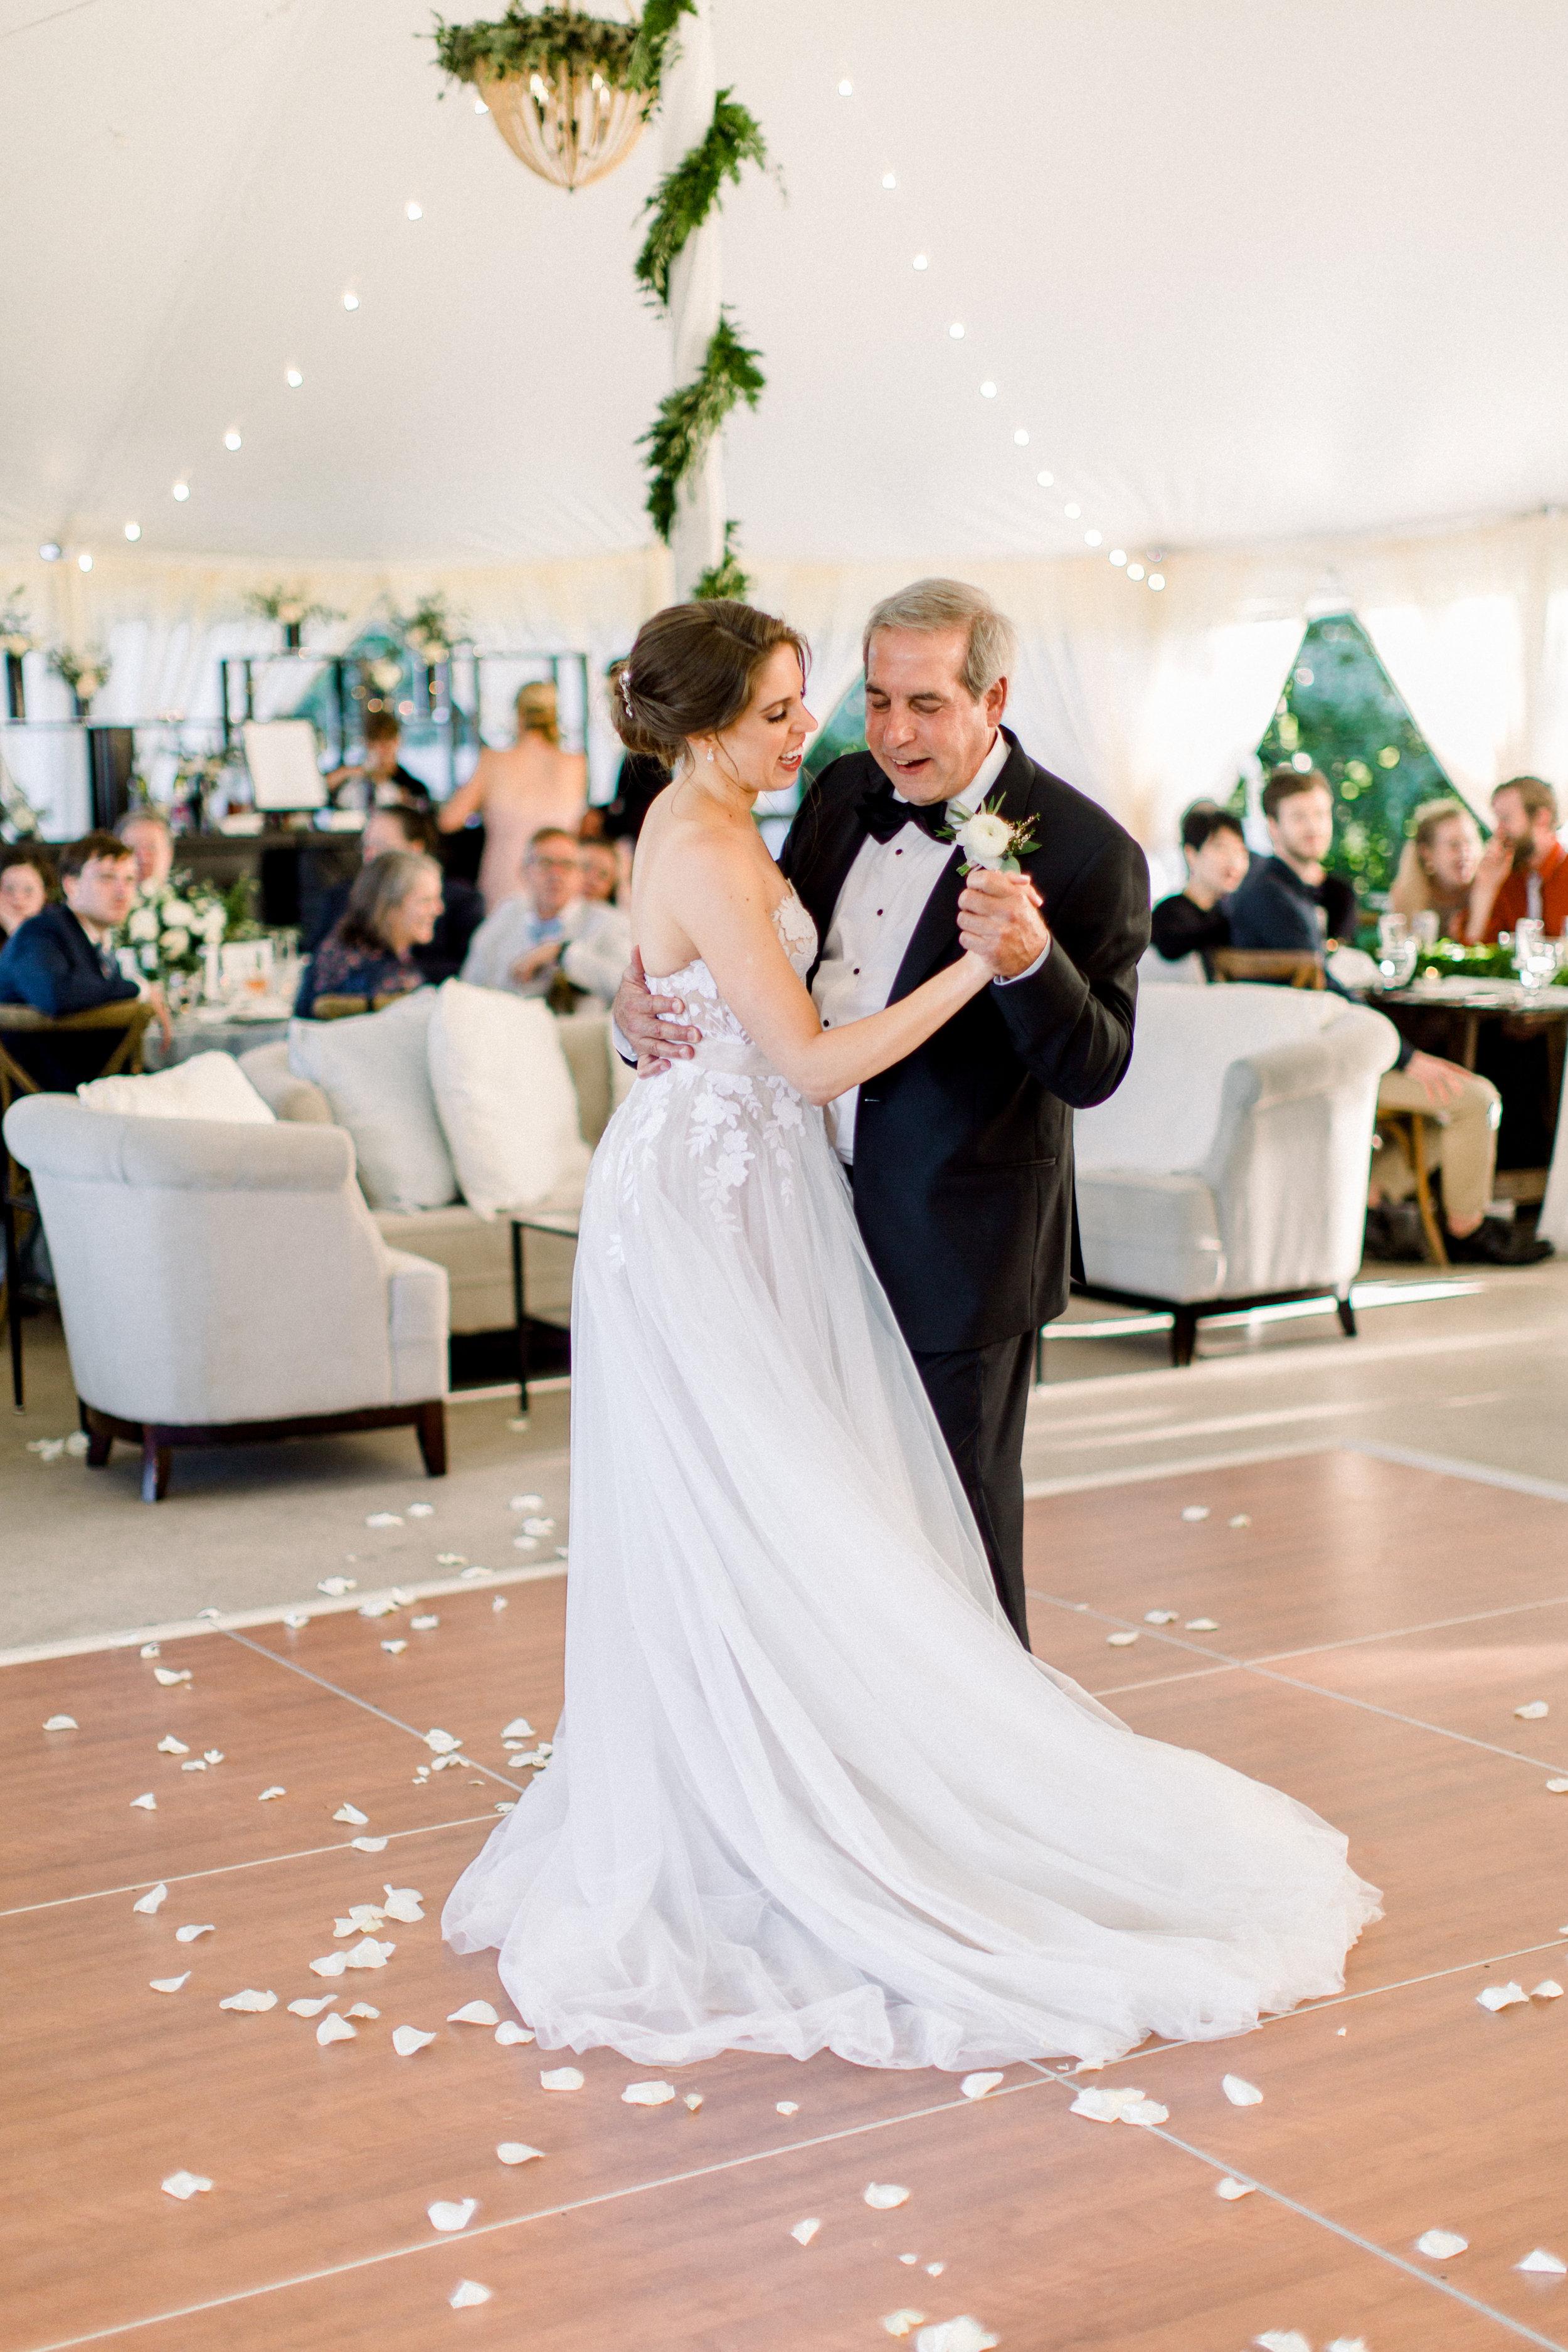 Steinlage+Wedding+Reception-178.jpg